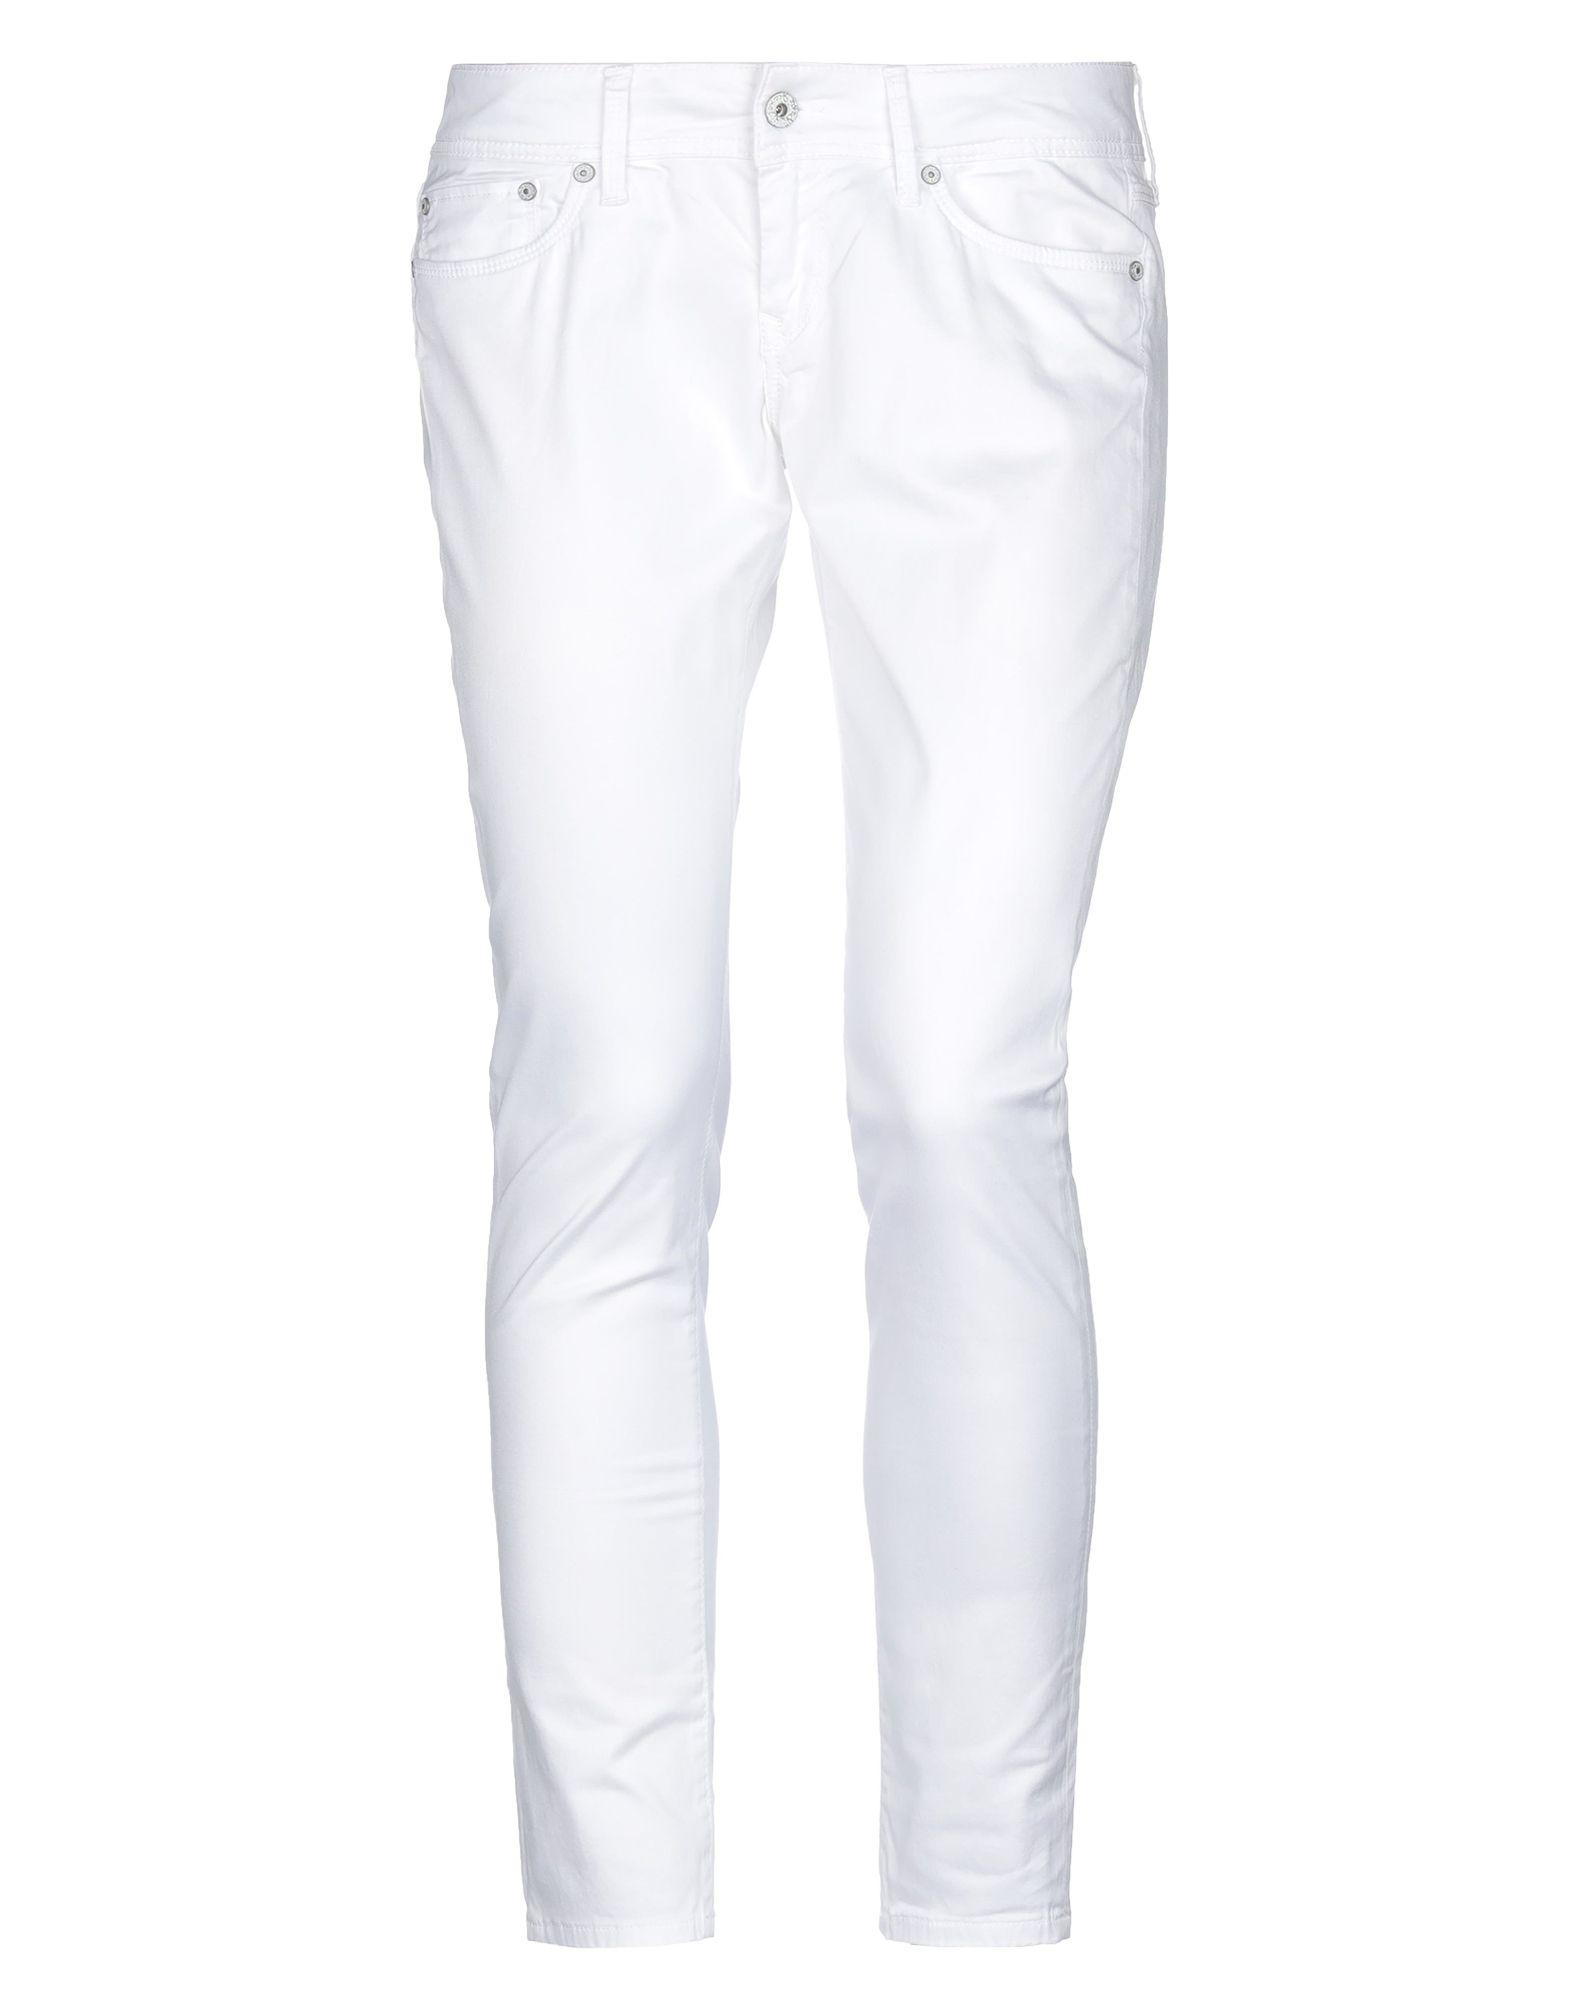 《セール開催中》PEPE JEANS レディース パンツ ホワイト 25W-30L コットン 99% / ポリウレタン 1%